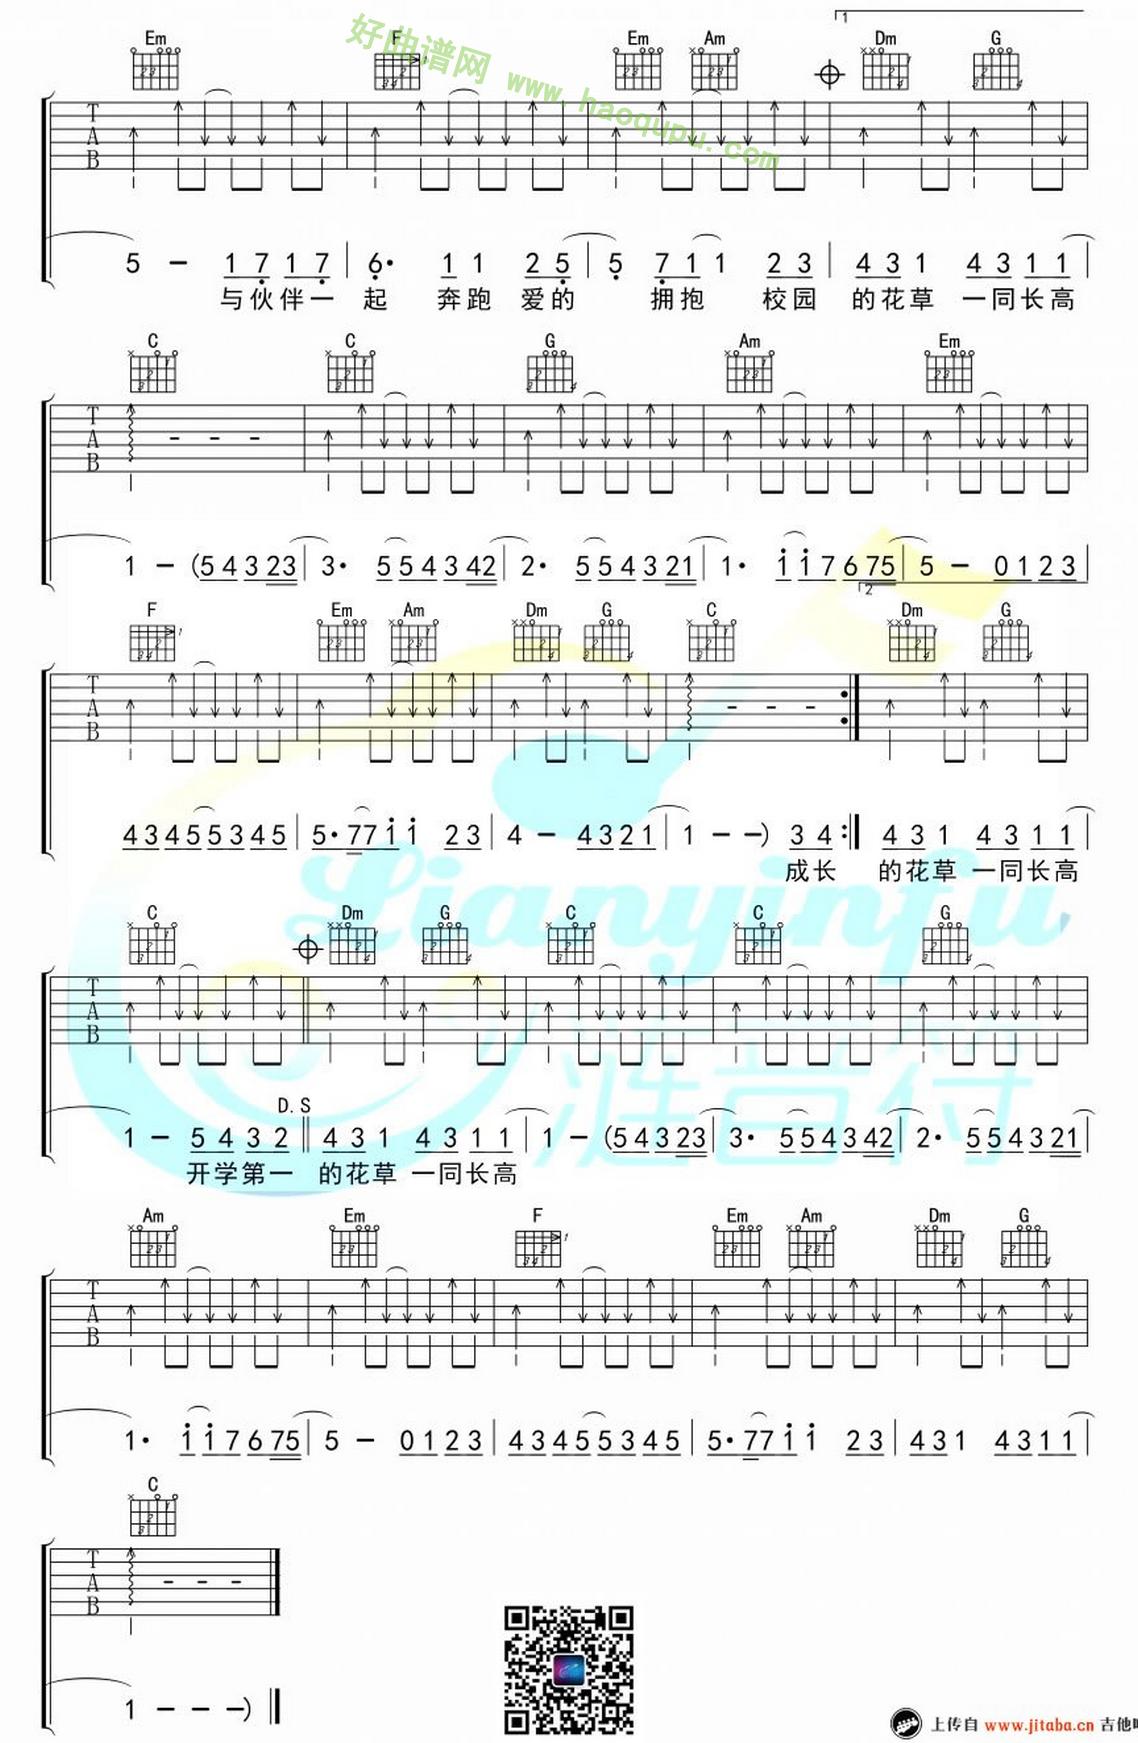 《开学第一课》(TFBOYS演唱)吉他谱第3张